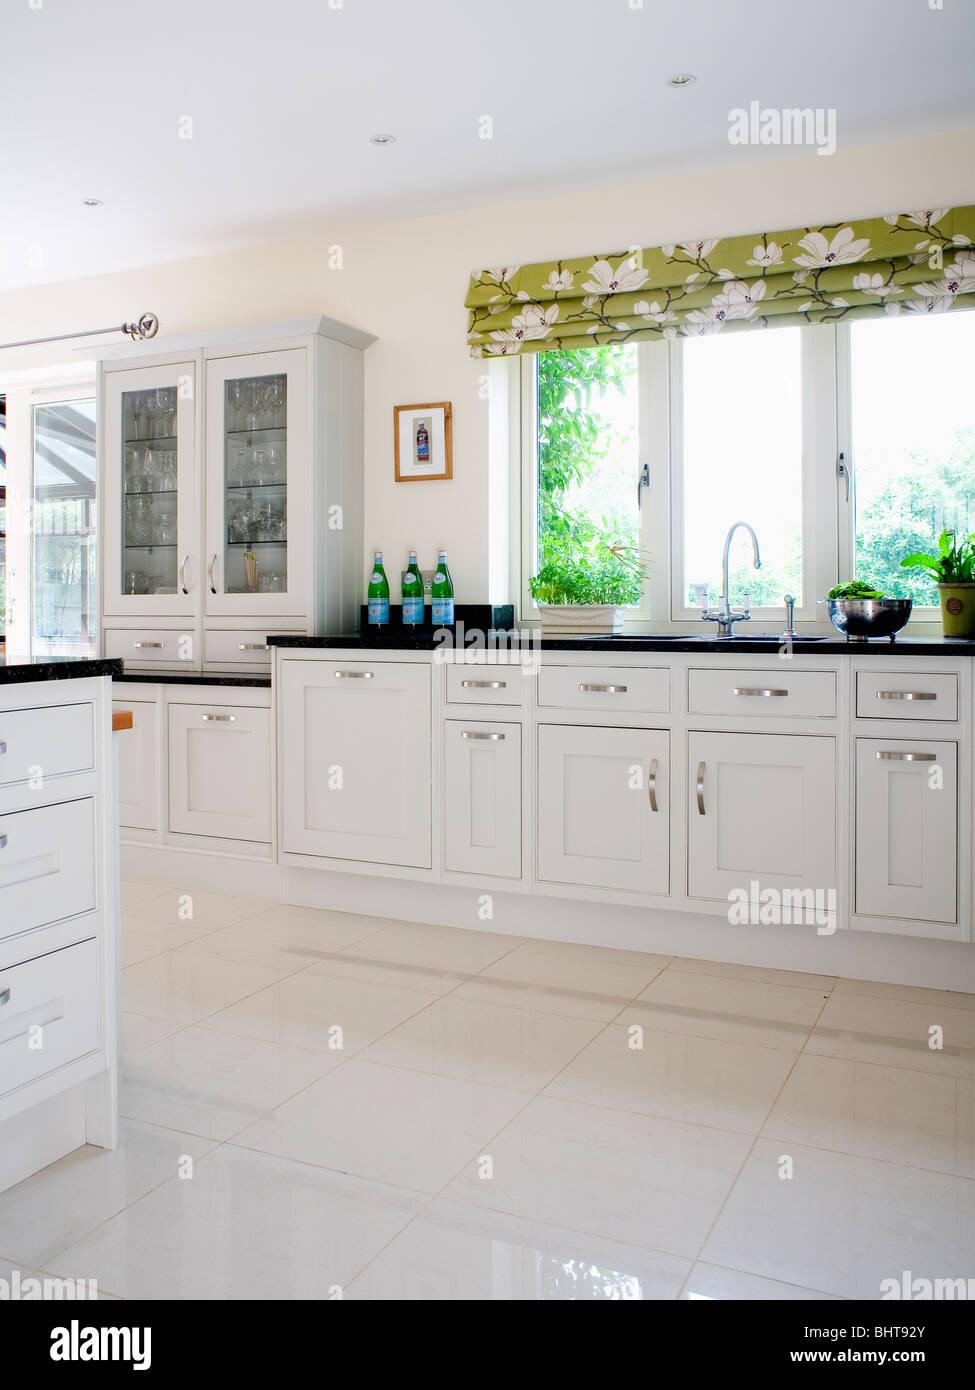 Wunderbar Moderne Bodenbeläge Das Beste Von Weißer Keramik Bodenbelag In Weiße Küche Mit